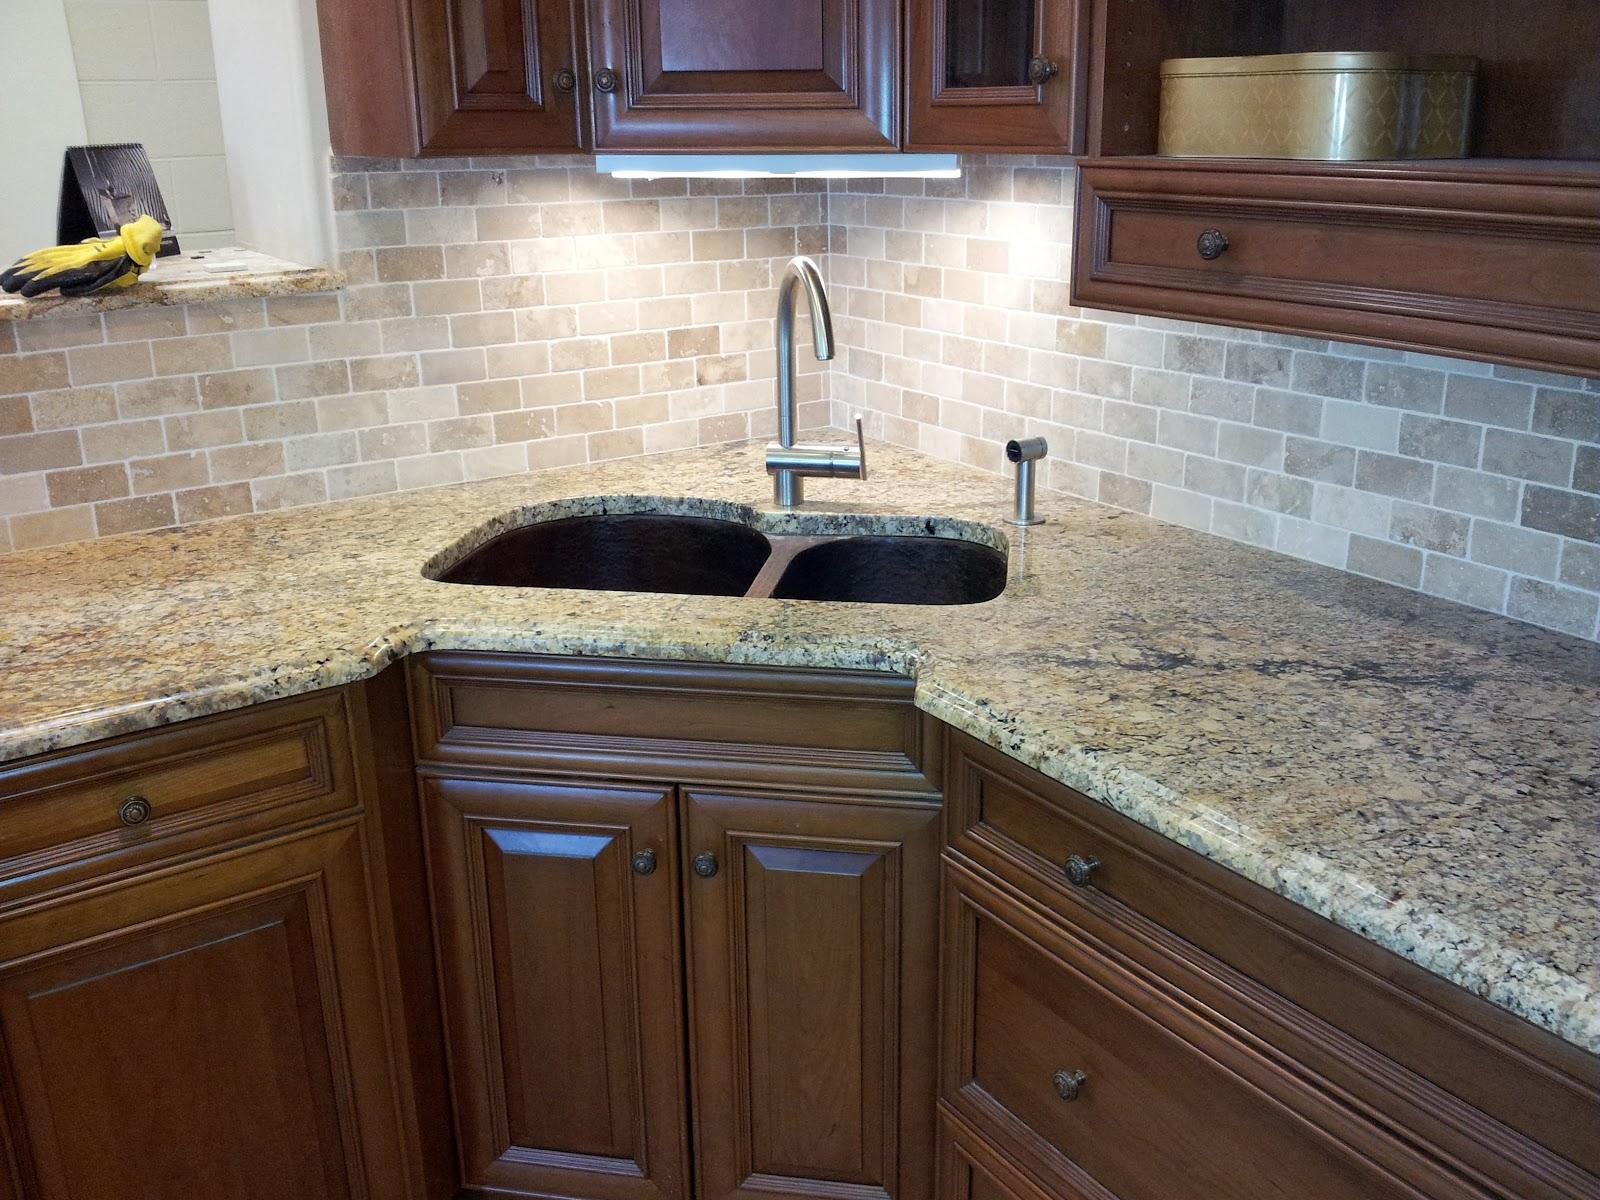 Light Colored Granite Countertops Luxury Home Design